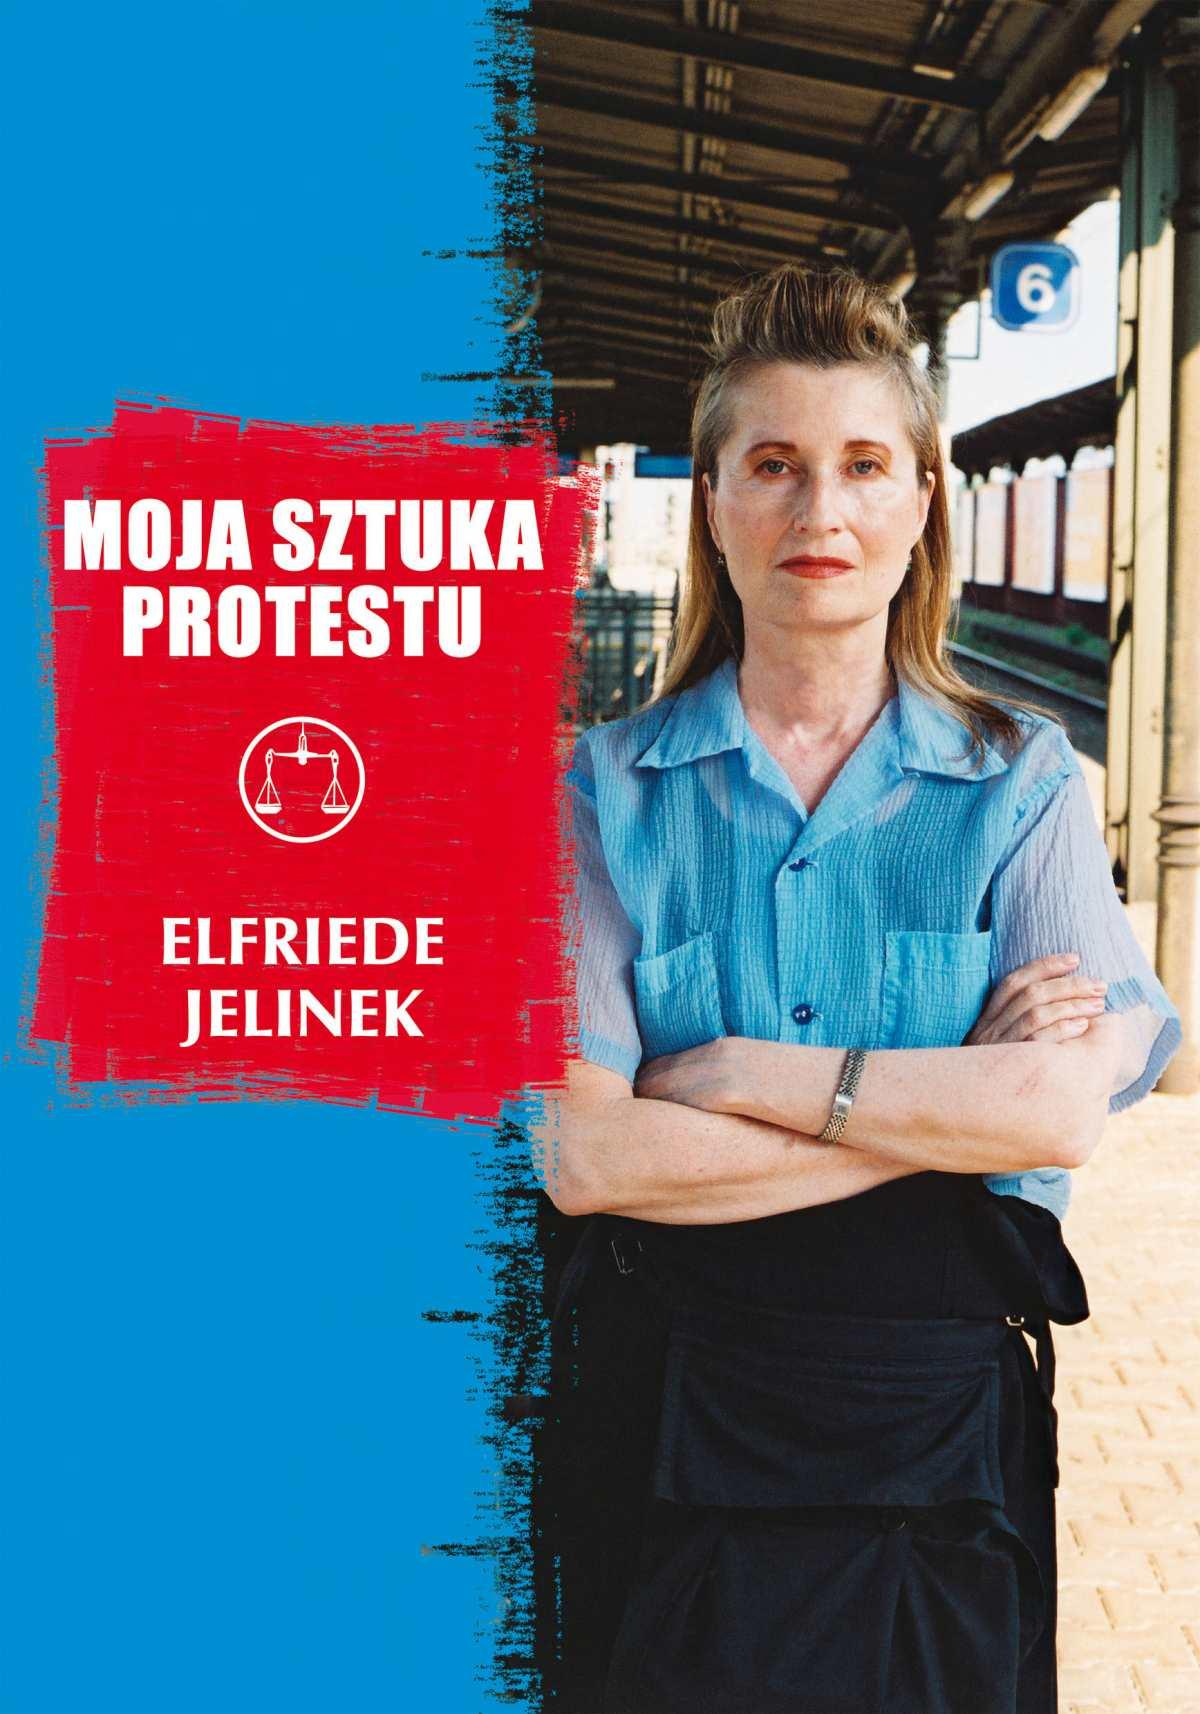 Moja sztuka protestu. Eseje i przemówienia - Ebook (Książka EPUB) do pobrania w formacie EPUB